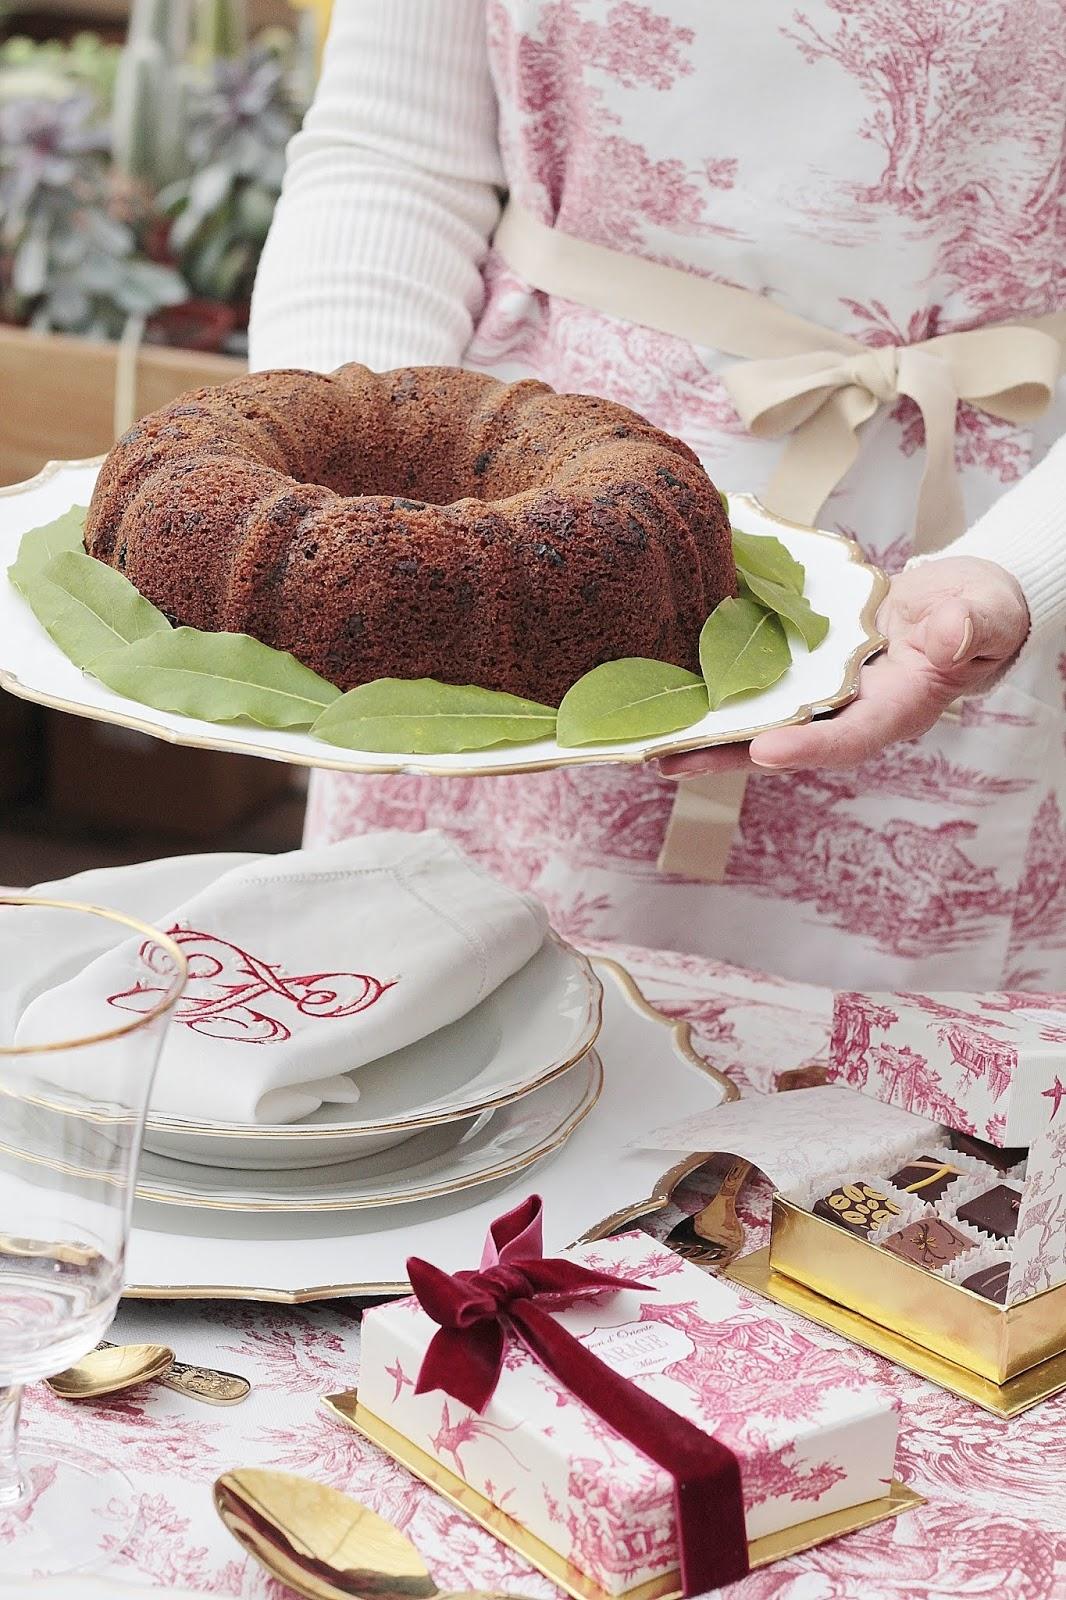 torta con cioccolato mirtilli rossi bacche di goji e glassa al cioccolato